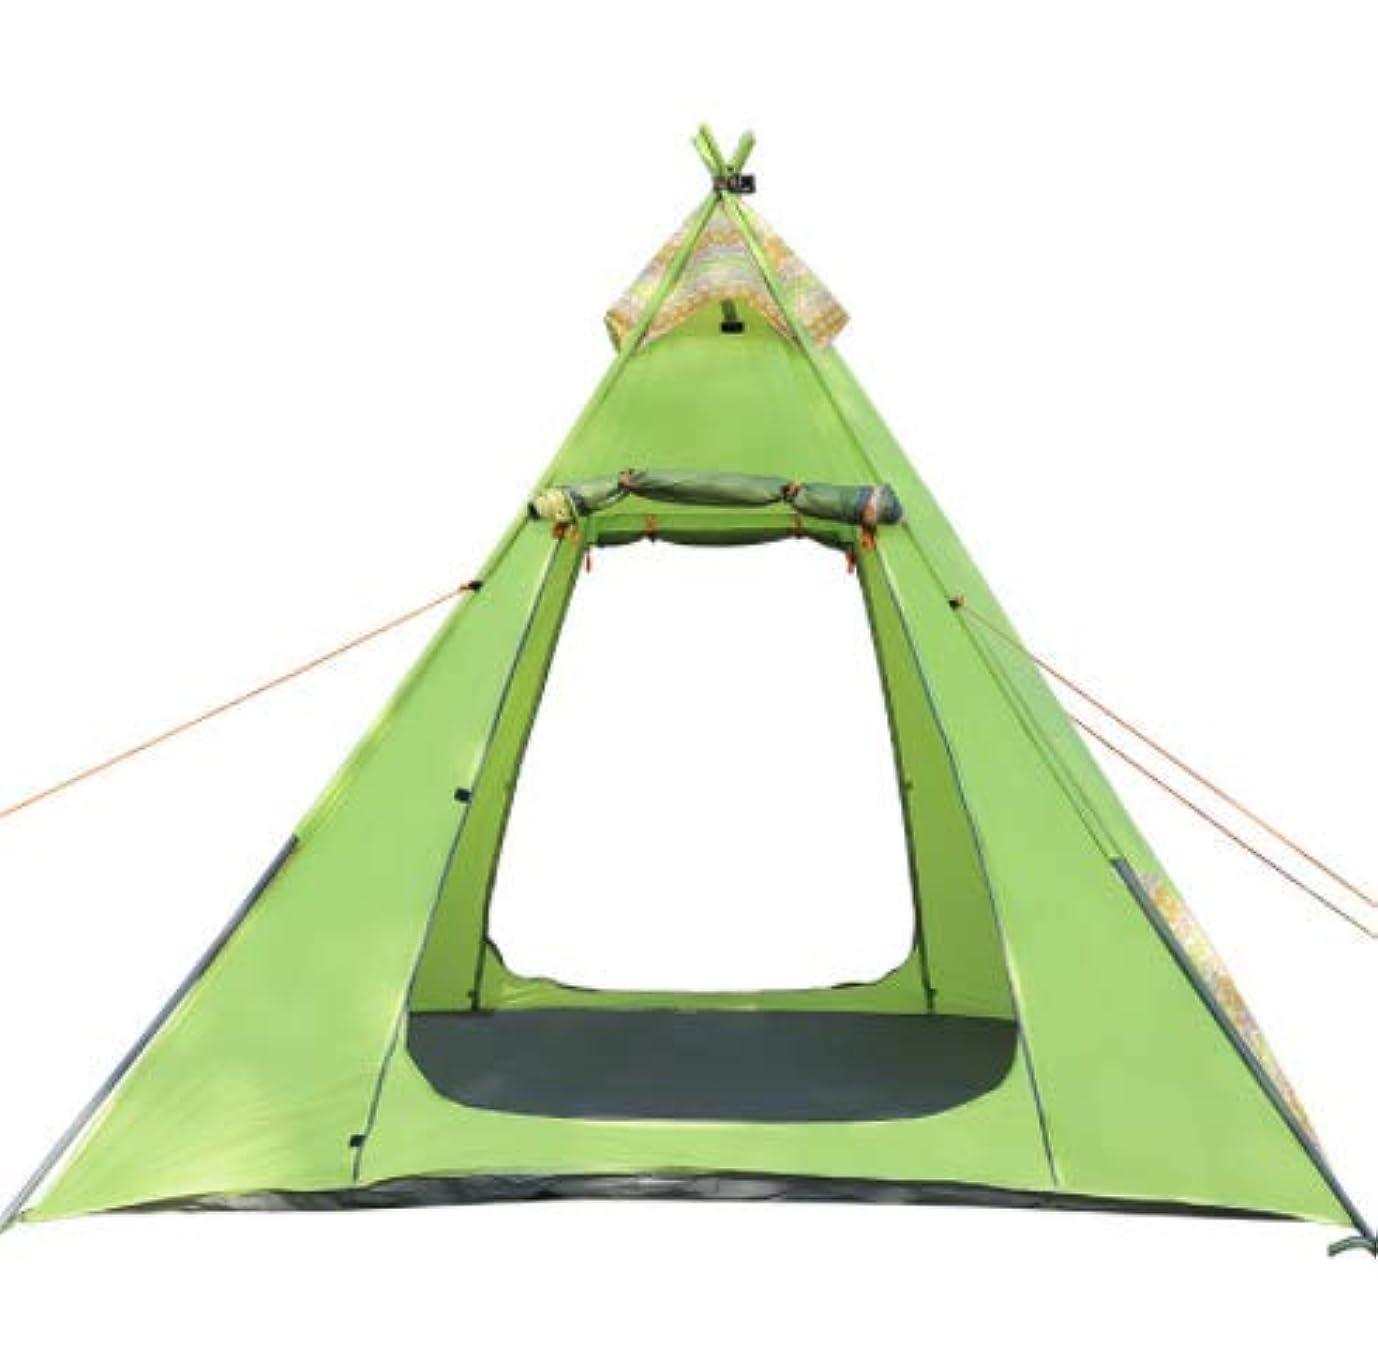 条約酔った振り子新しい屋外キャンプテント鉄パイプポール防風防水キャンプテント